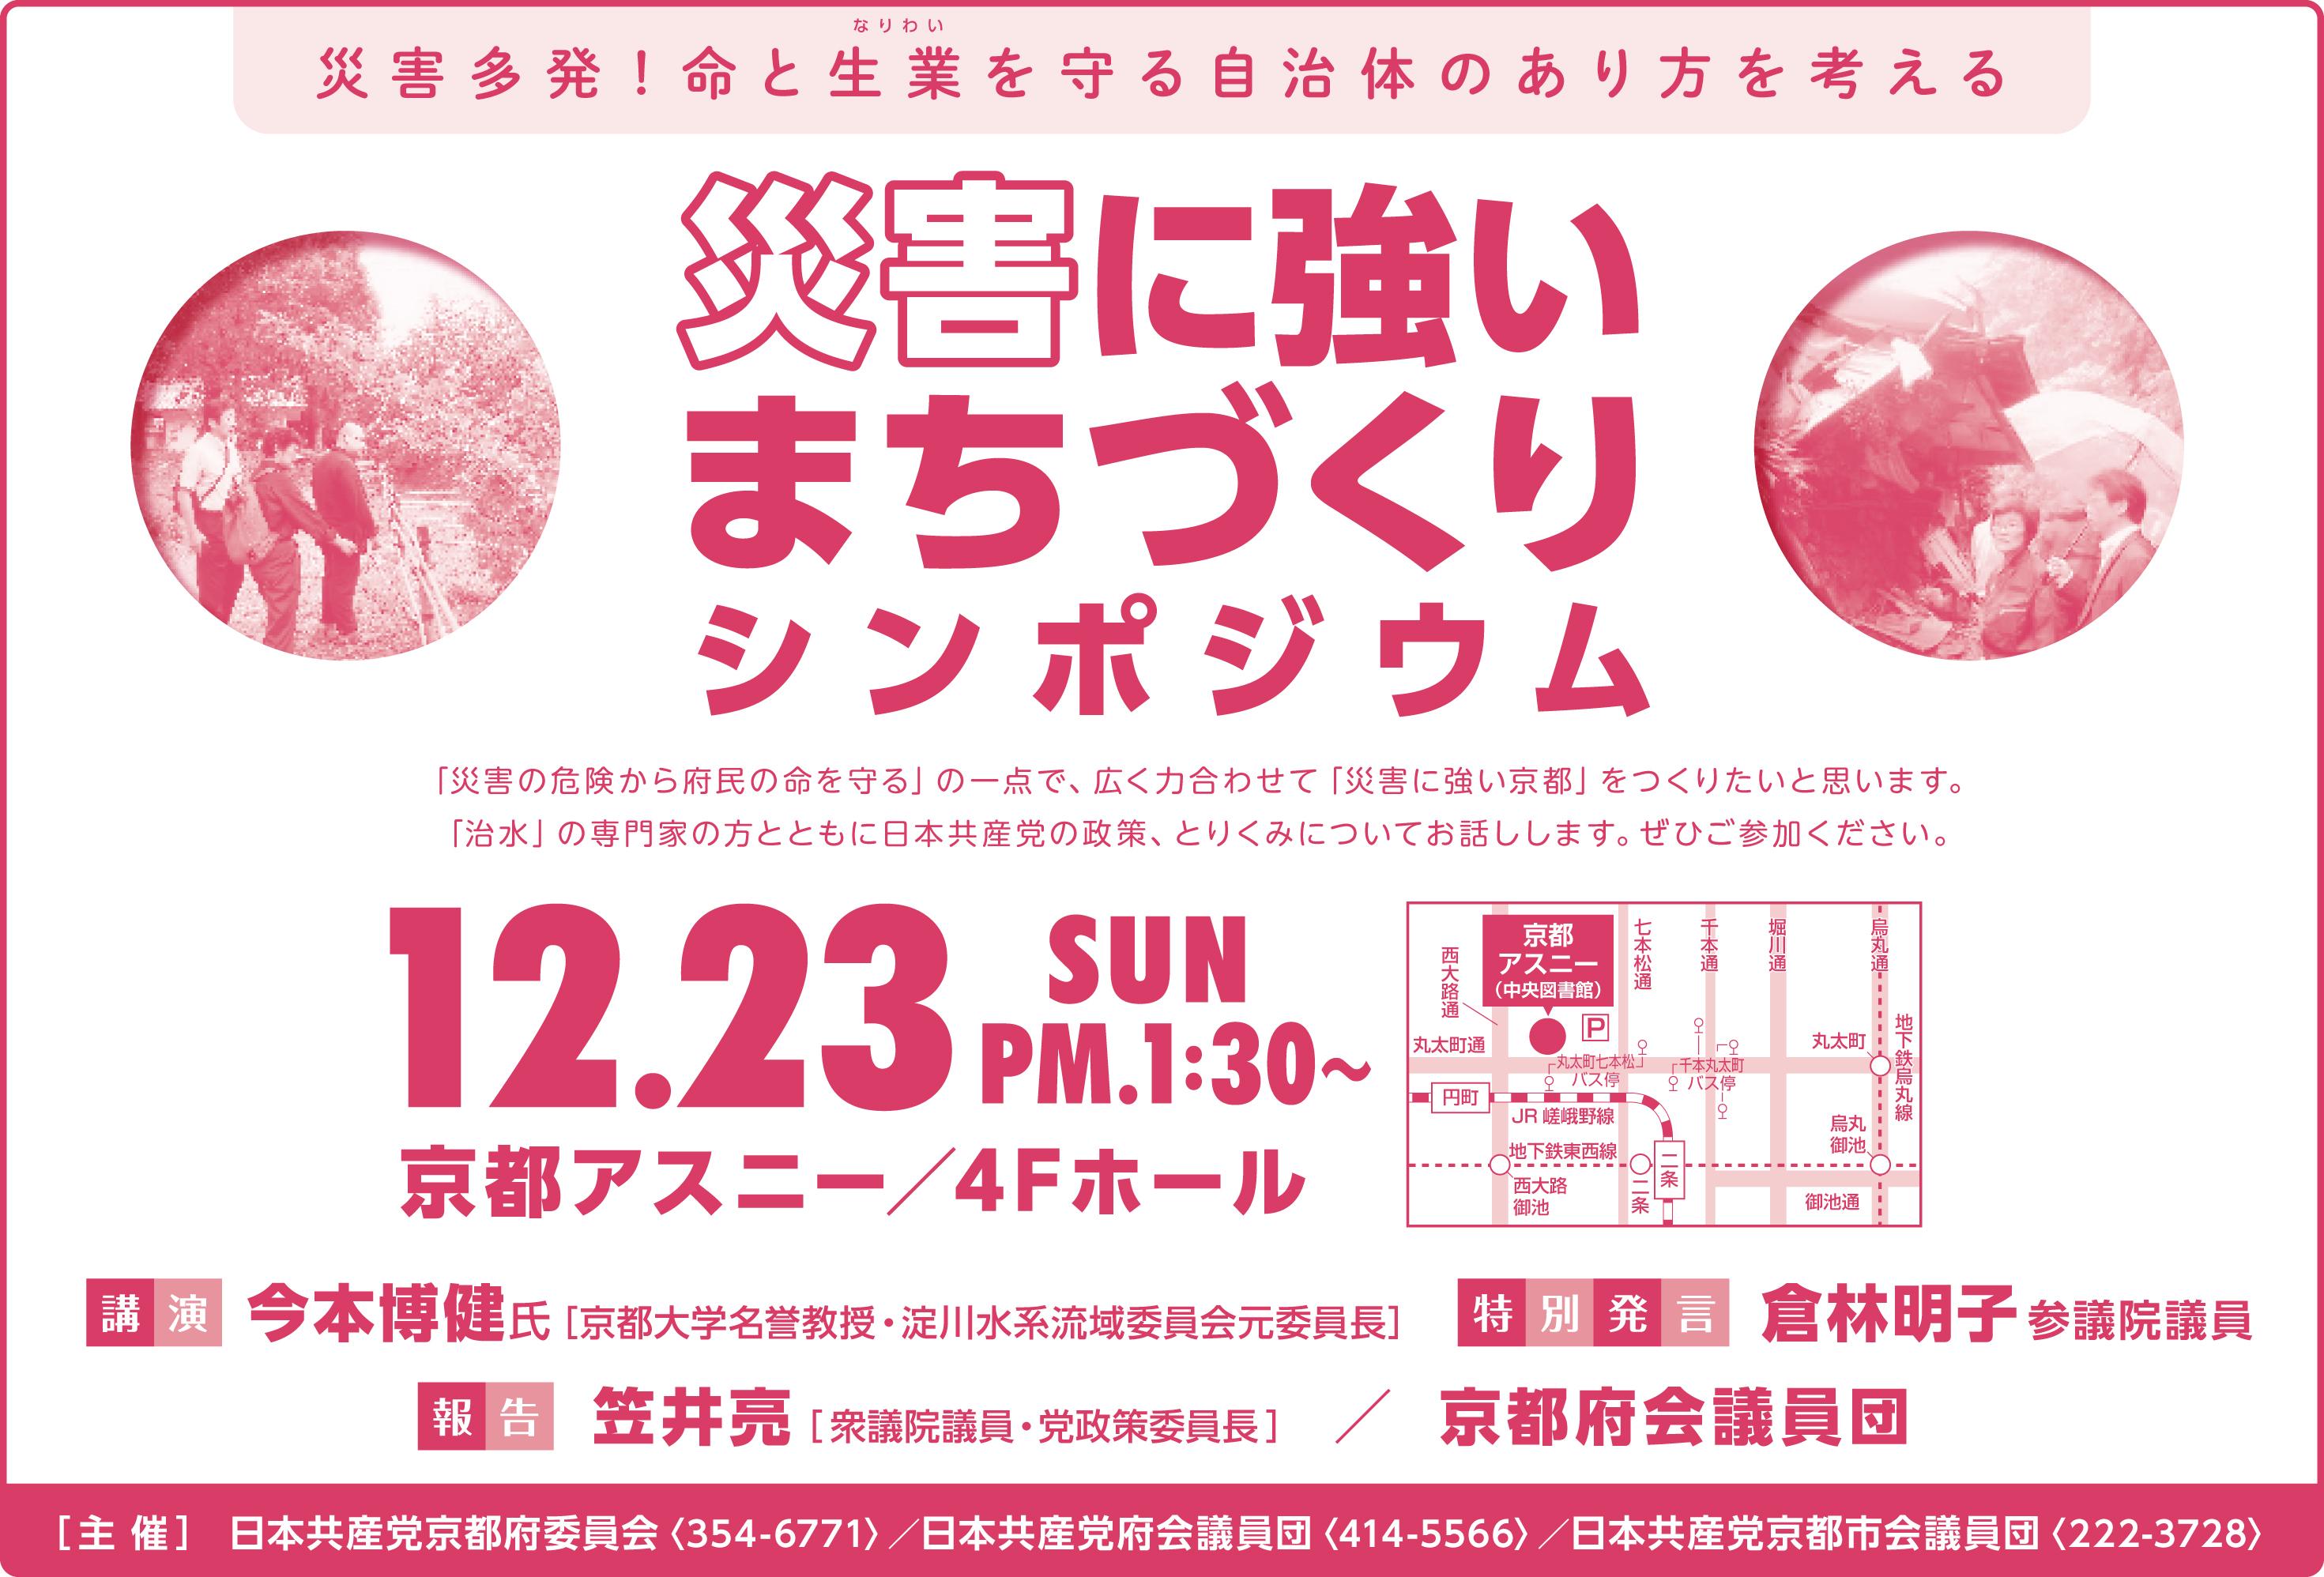 12.23災害シンポジウム案内ビラ